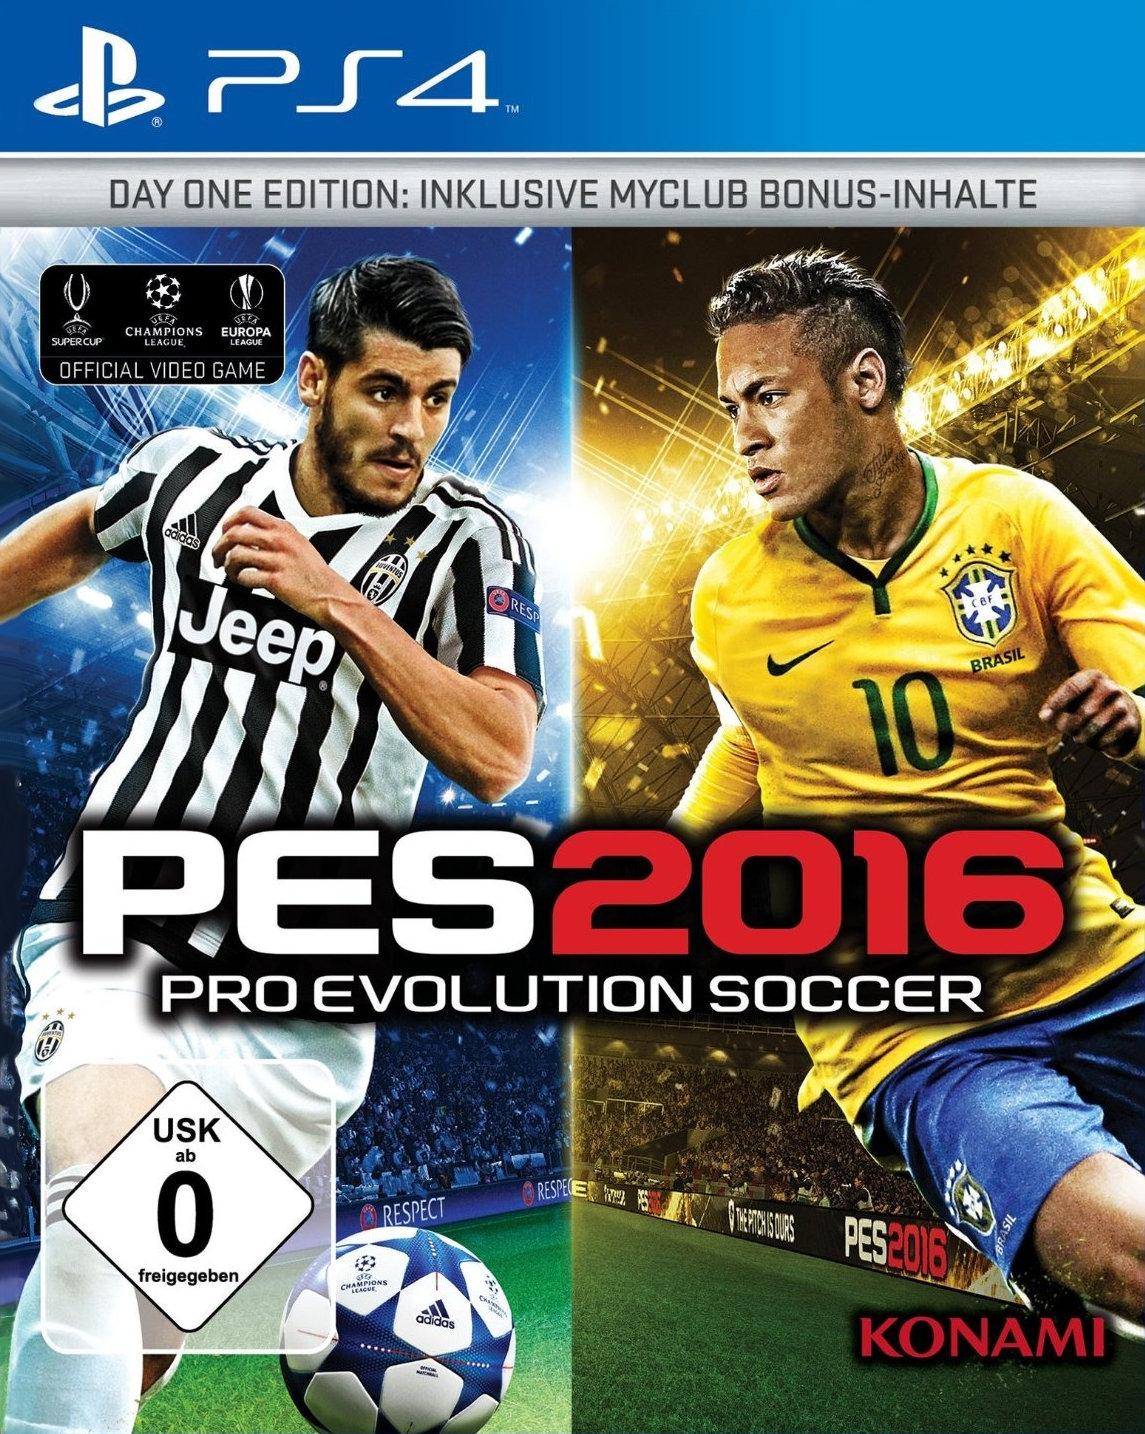 [Saturn] PES 2016 - Pro Evolution Soccer 2016 (Day 1 Edition) für Playstation 4 und Xbox One für 3,-€ **Update.Jetzt Versandkostenfrei